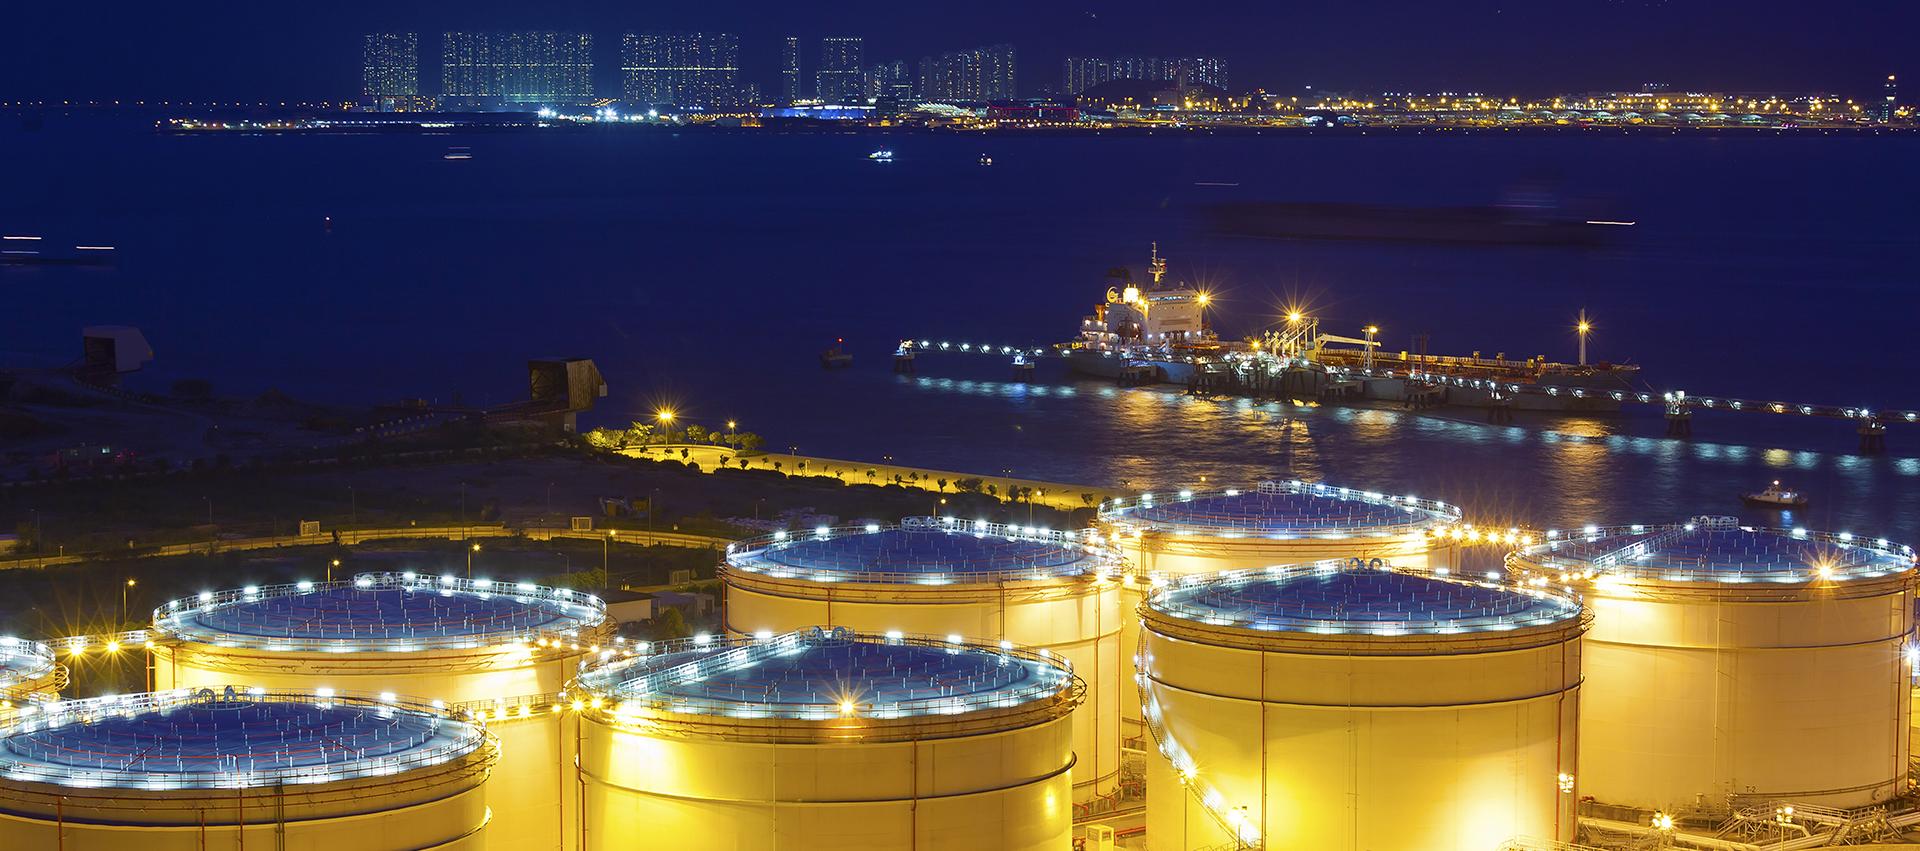 集研制、生产、销售为一体的专业润滑油公司